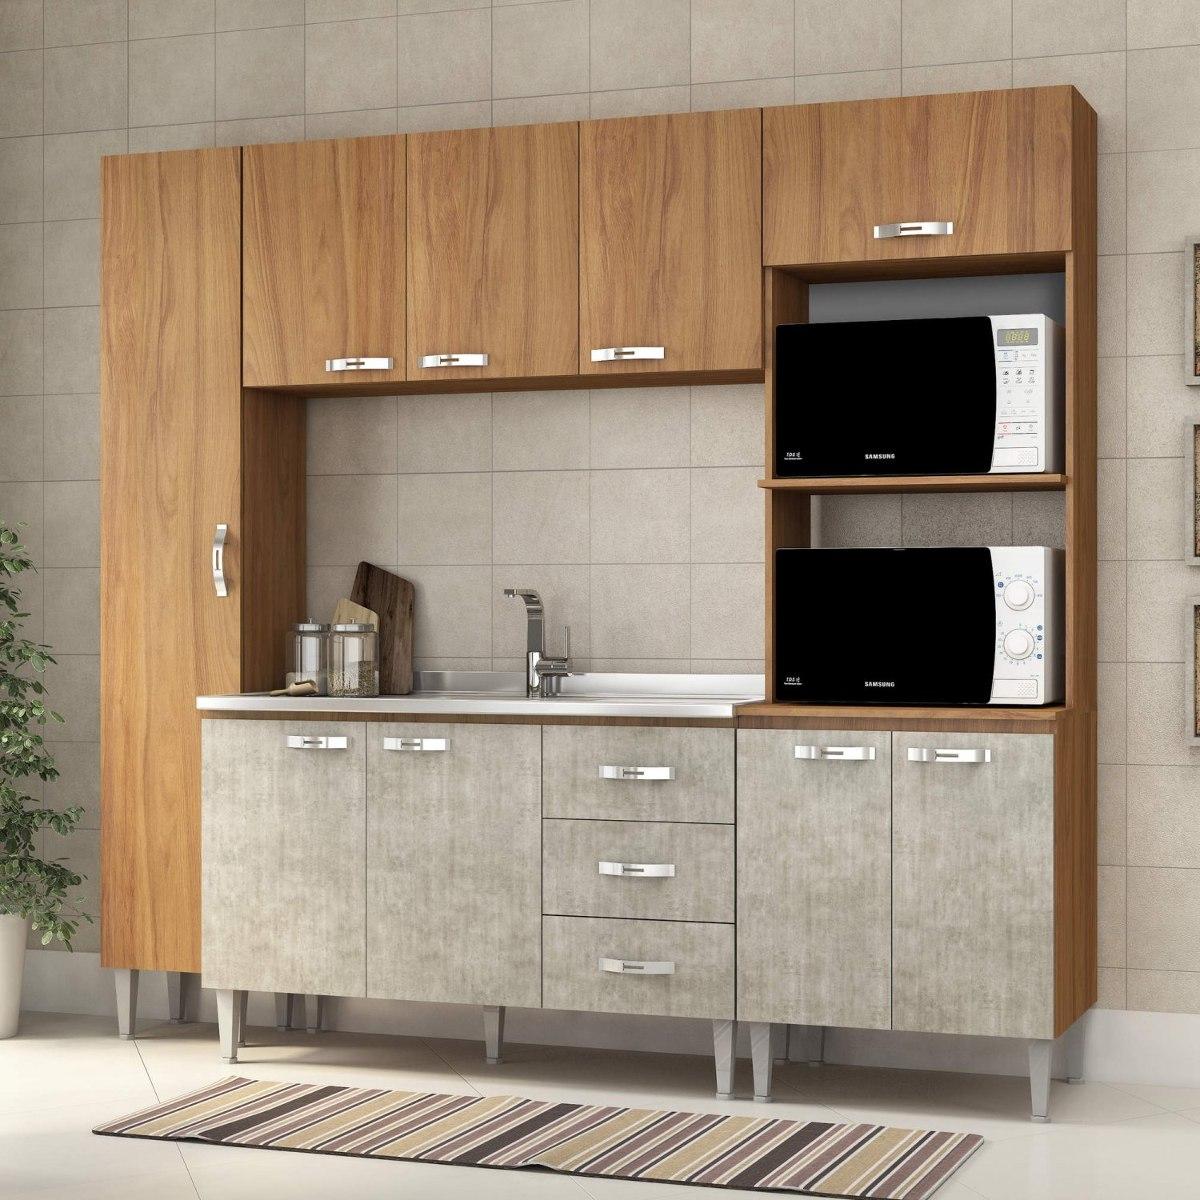 Cozinha Completa Com Balc O Sem Pia 4 Pe As 9 Portas Ej R 839 90